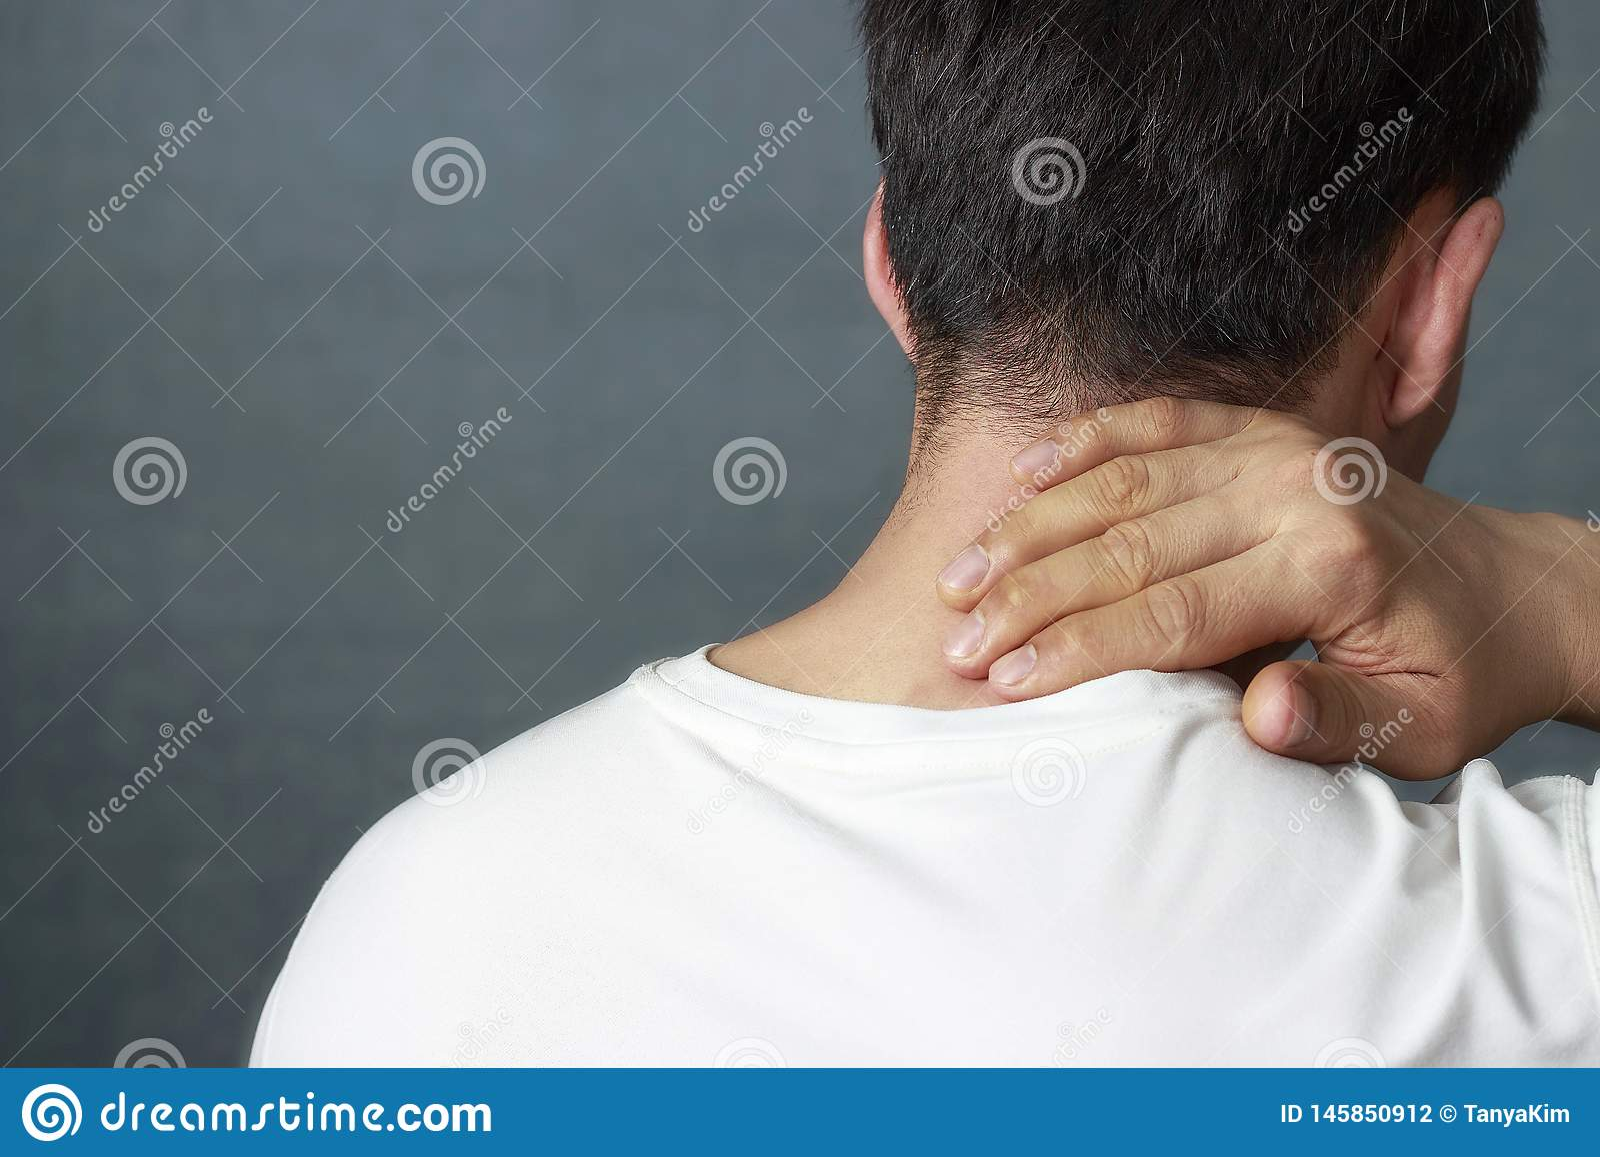 Um homem está fazendo massagens um pescoço dorido, close-up, vista traseira